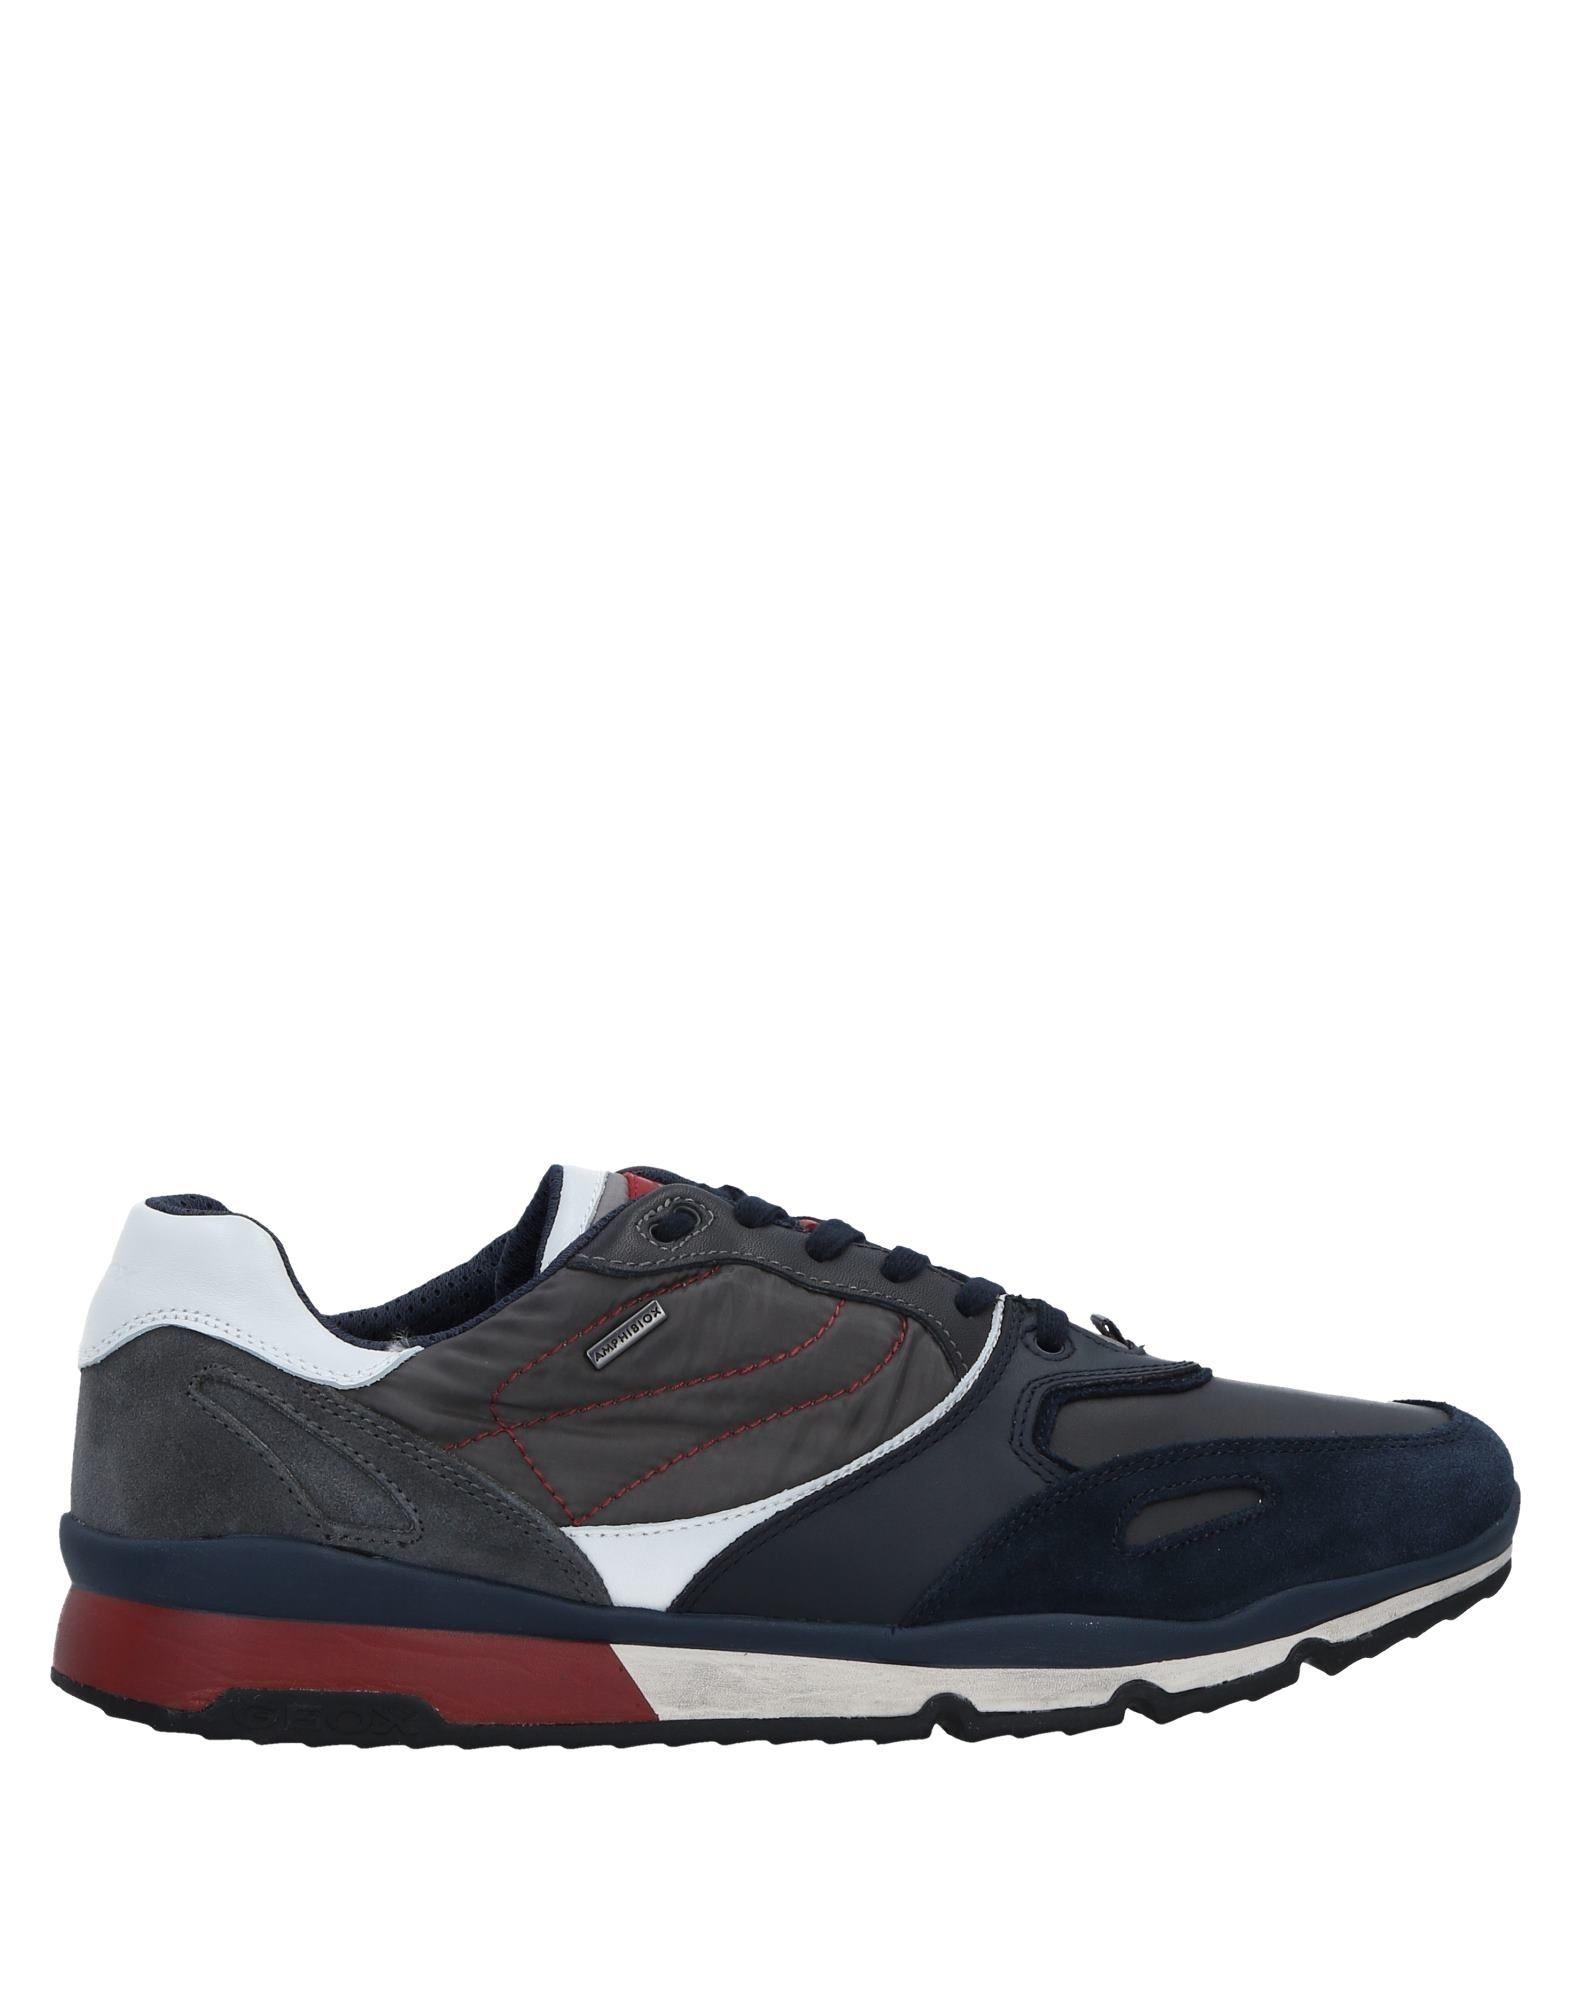 Sneakers Geox Homme - Sneakers Geox  Blanc Les chaussures les plus populaires pour les hommes et les femmes